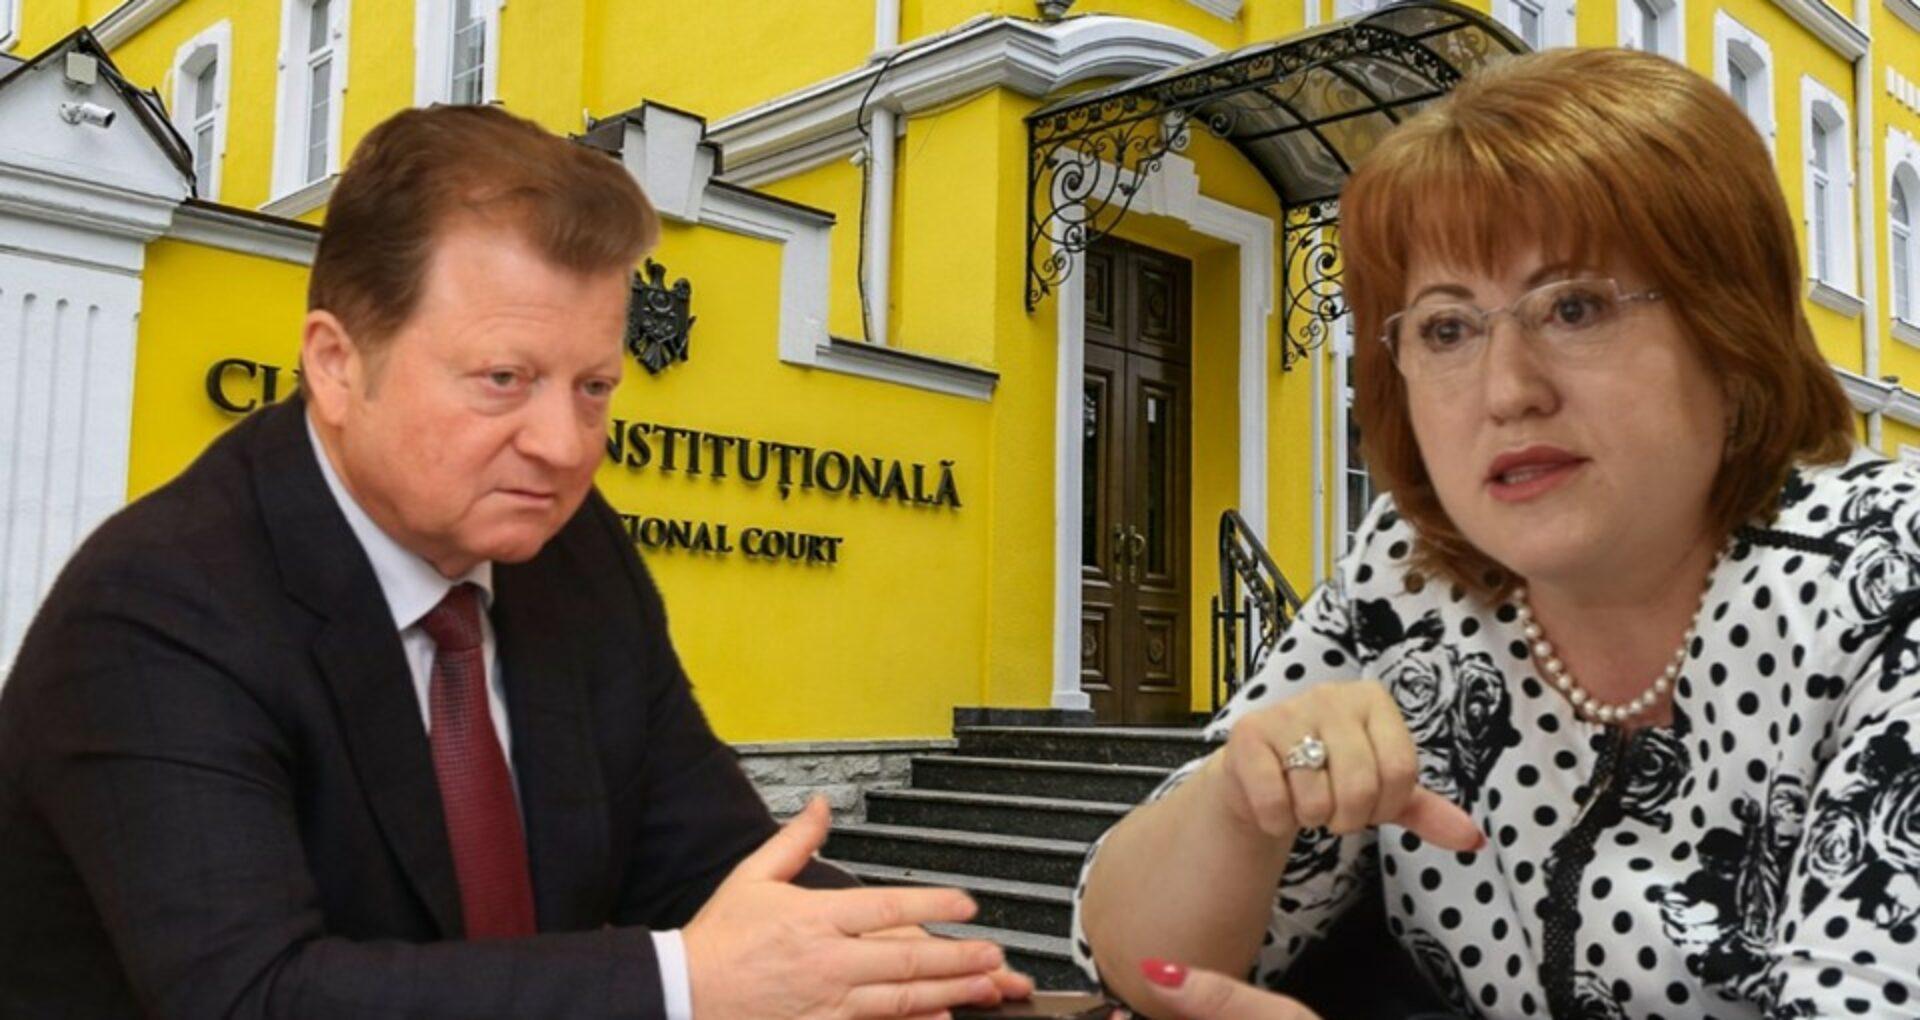 Vladimir Țurcan cere în instanță anularea hotărârii prin care a fost destituit din funcția de președinte al CC